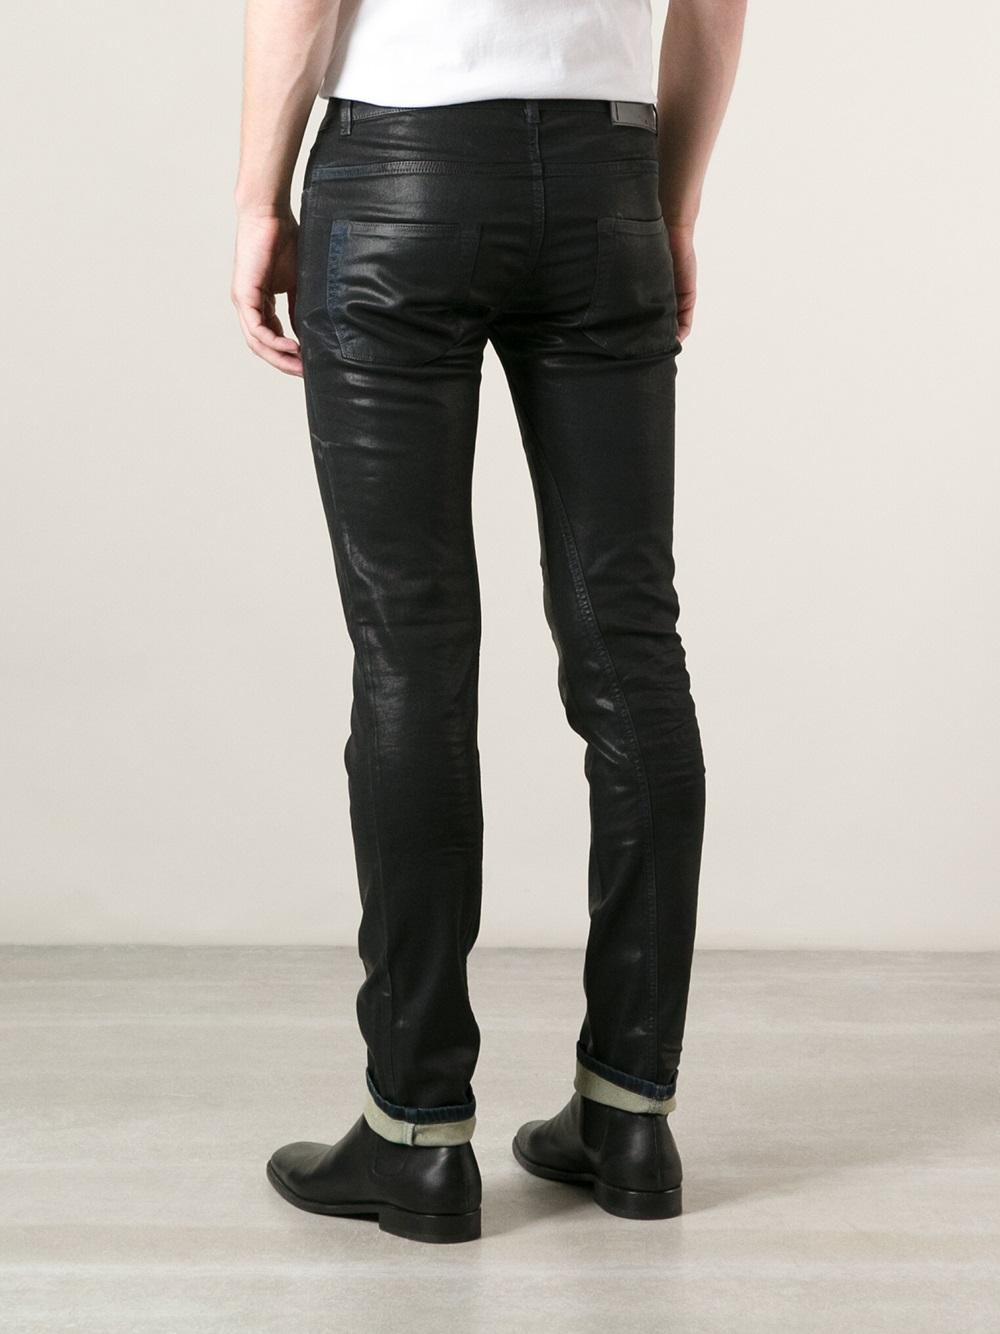 Pink Levis Jeans Men